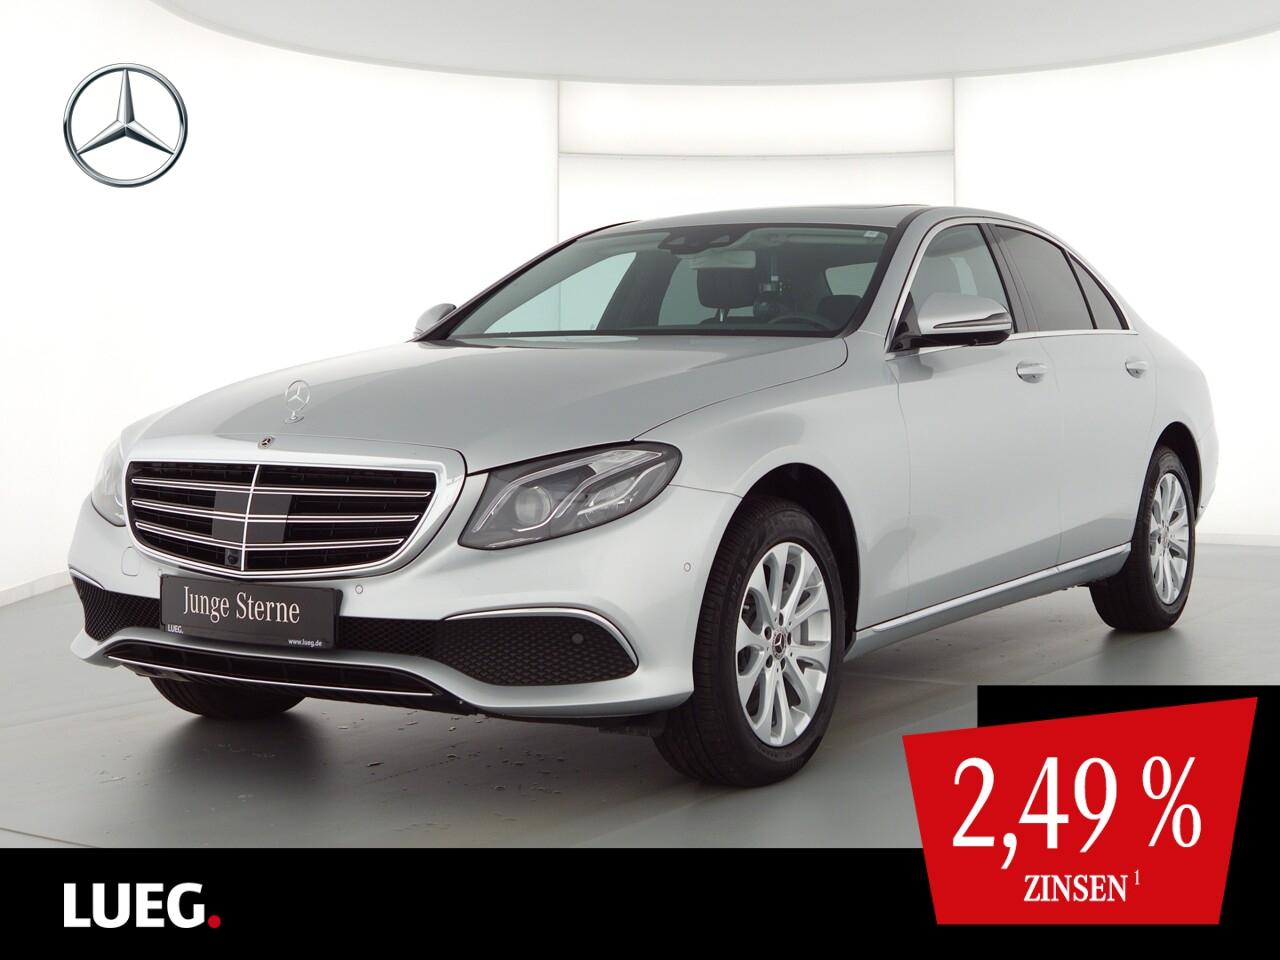 Mercedes-Benz E 220 d 4M COM+SHD+Burm+Mbeam+Sthzg+Airm+HUD+360, Jahr 2020, Diesel